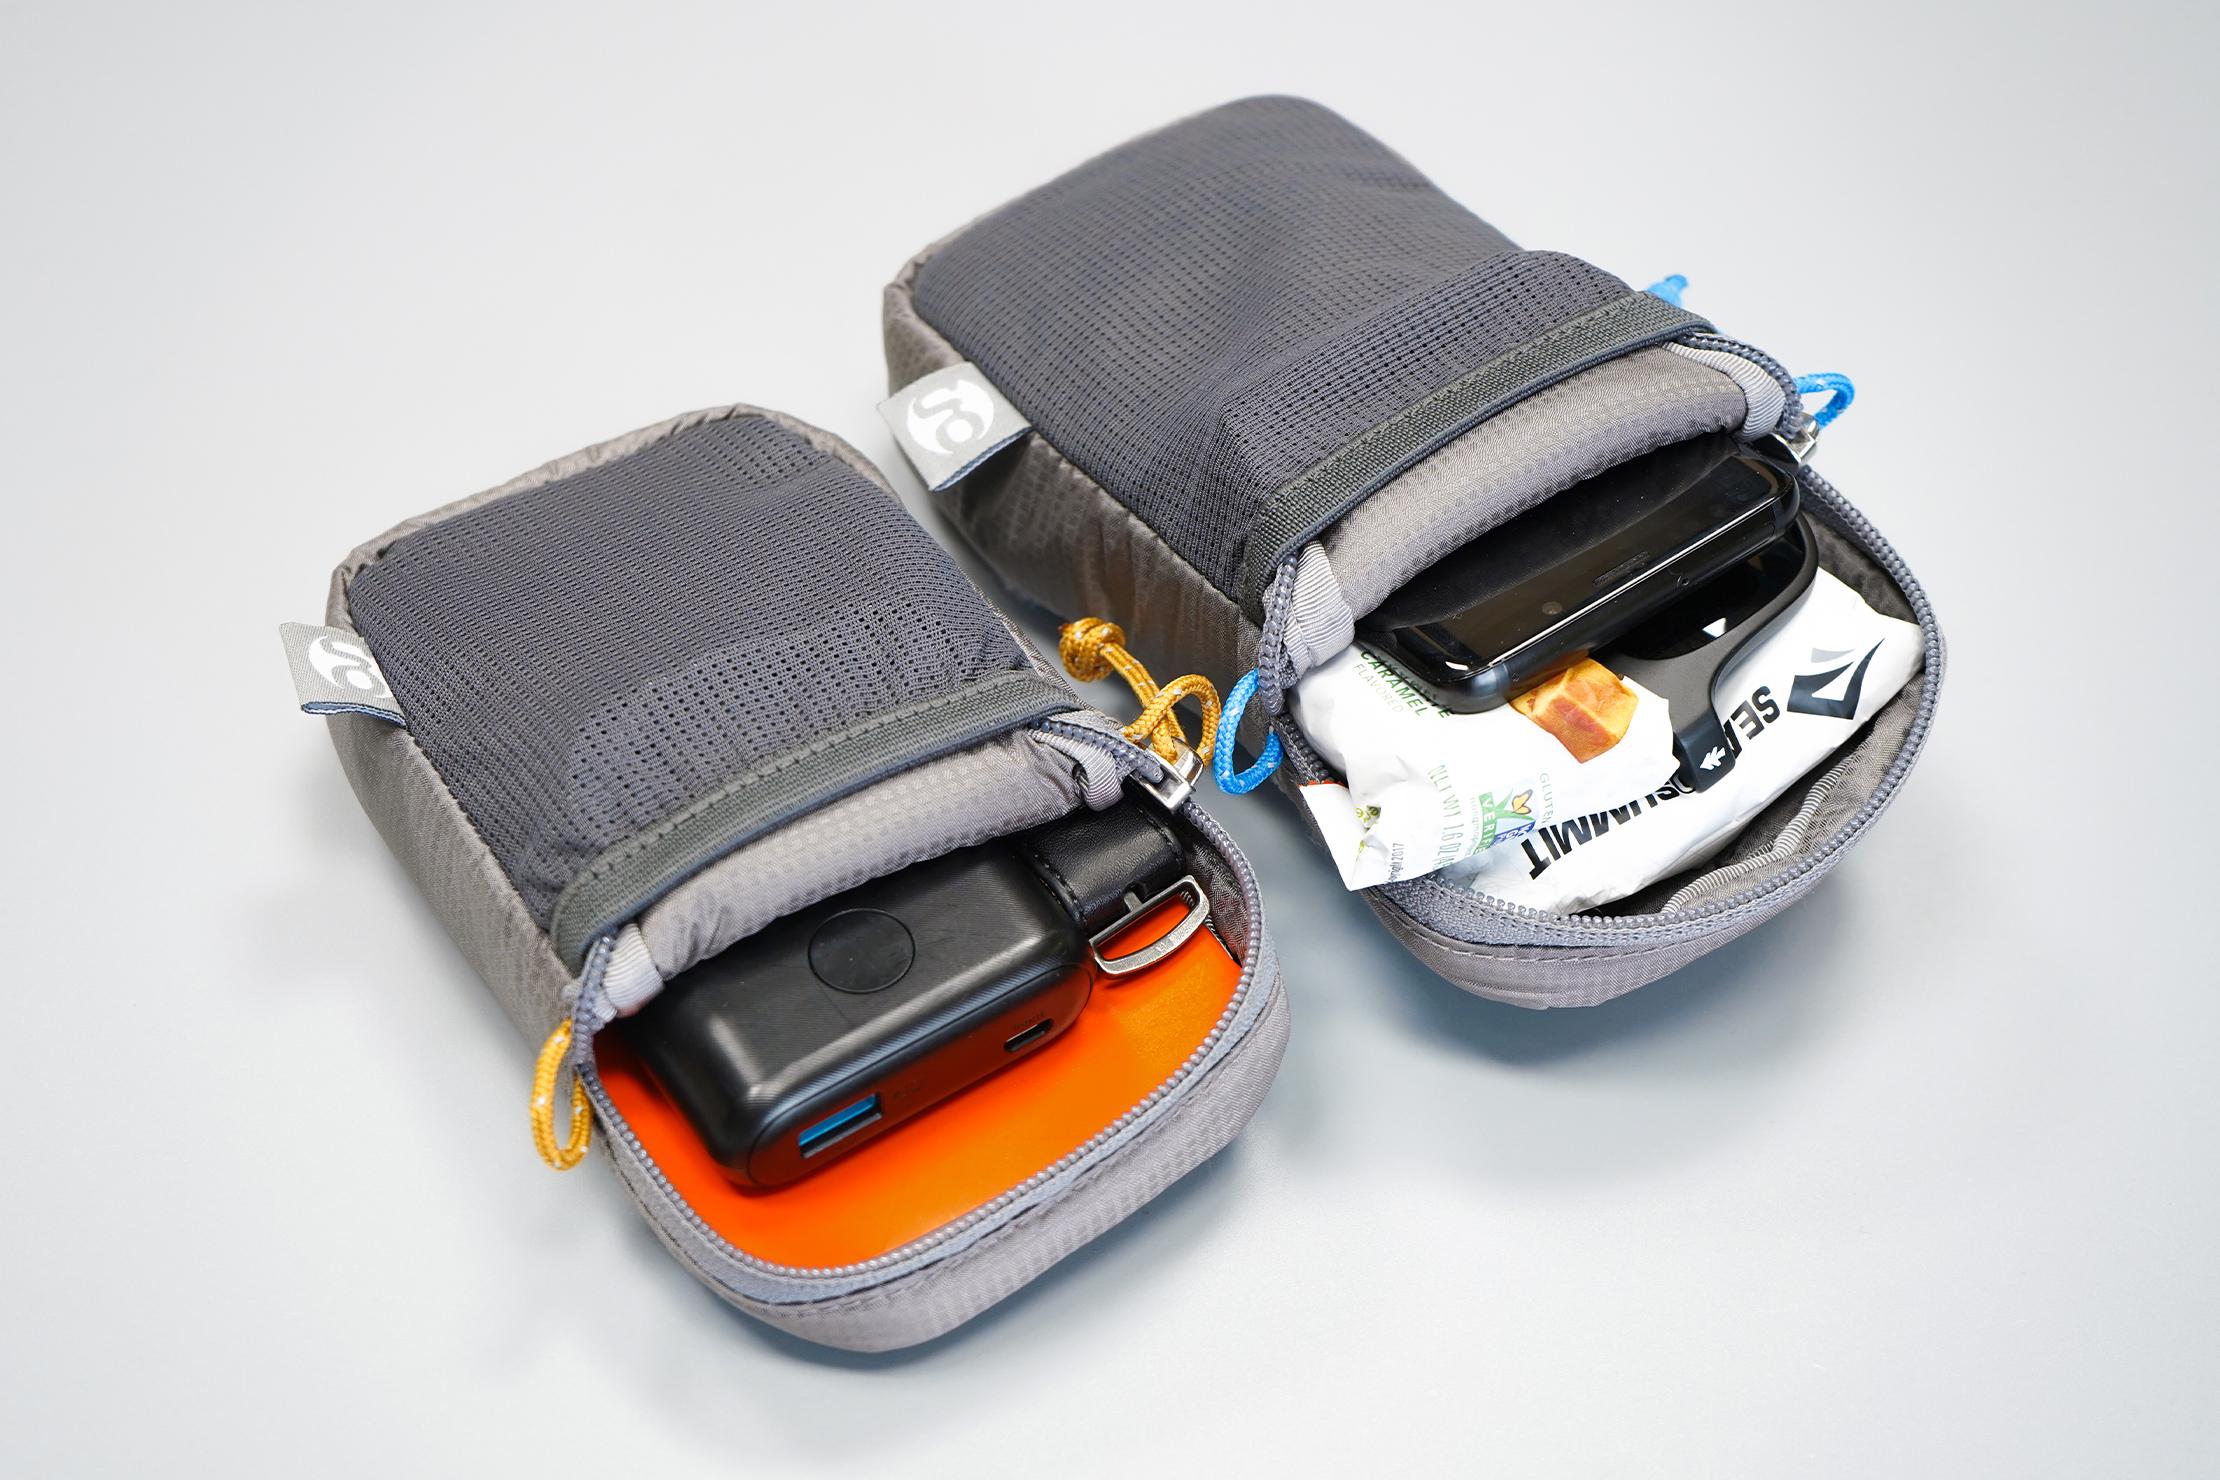 Gossamer Gear Shoulder Strap Pocket | Both sizes filled up